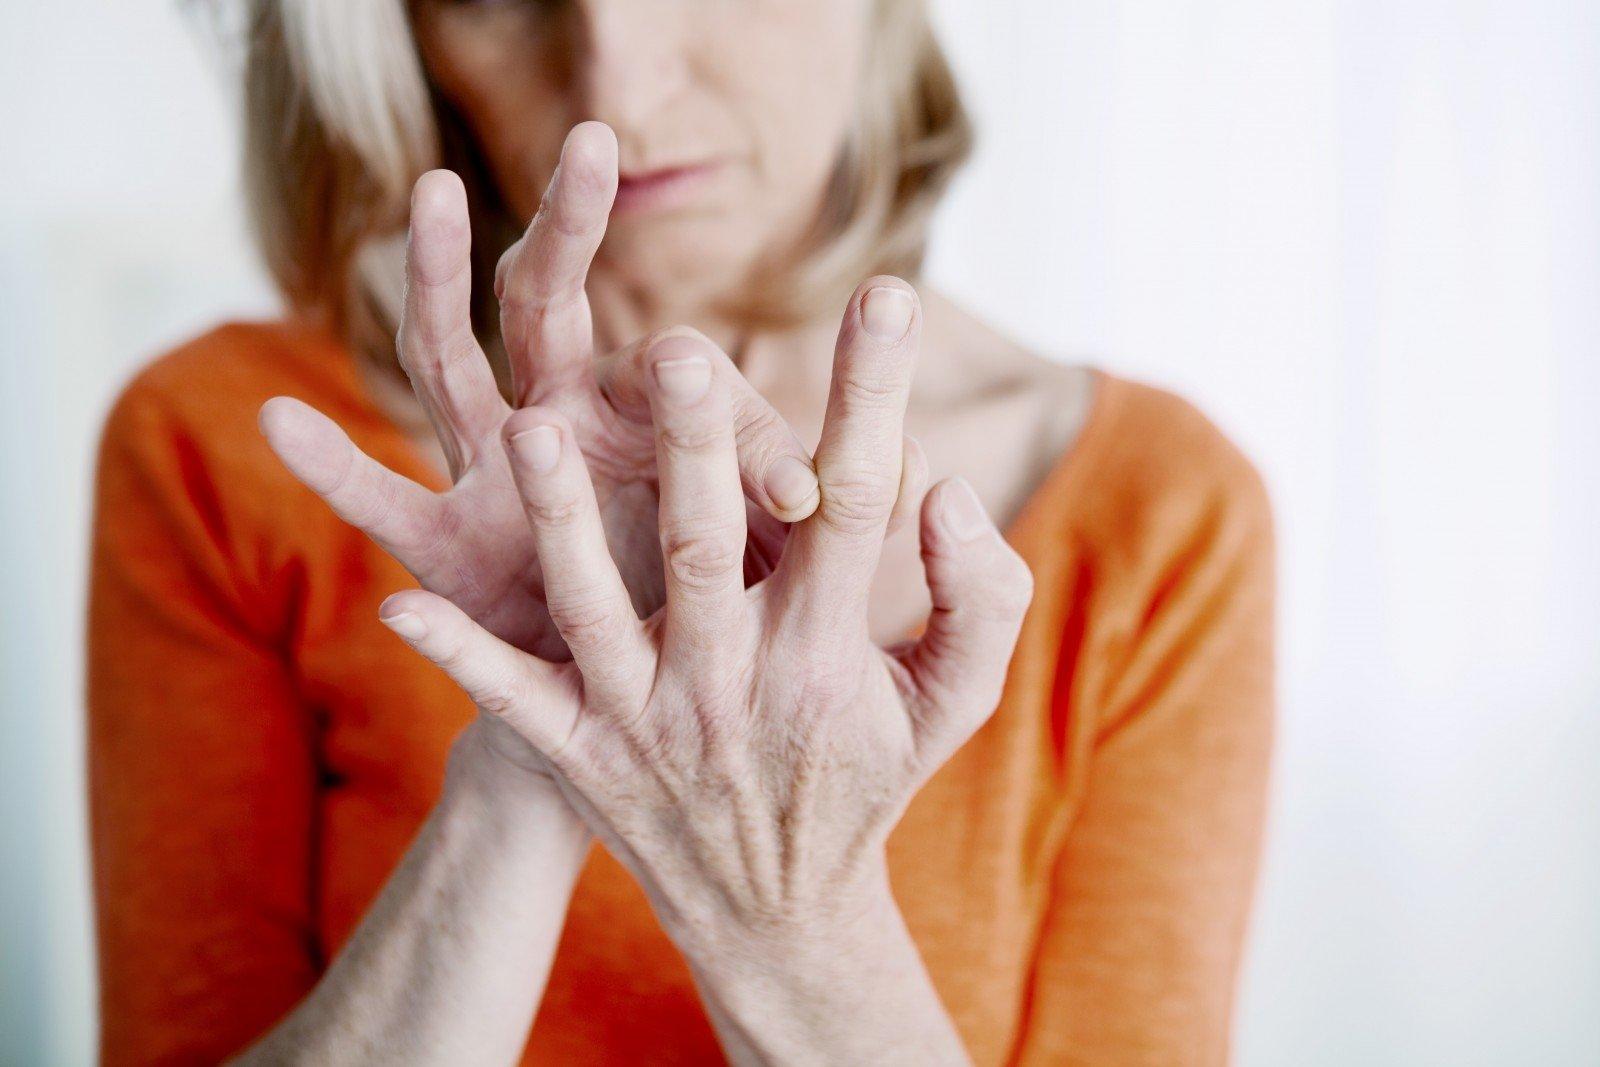 testosteronas ir sąnarių gydymas raiščių plyšimo dėl peties sąnario gydymo atsiliepimus